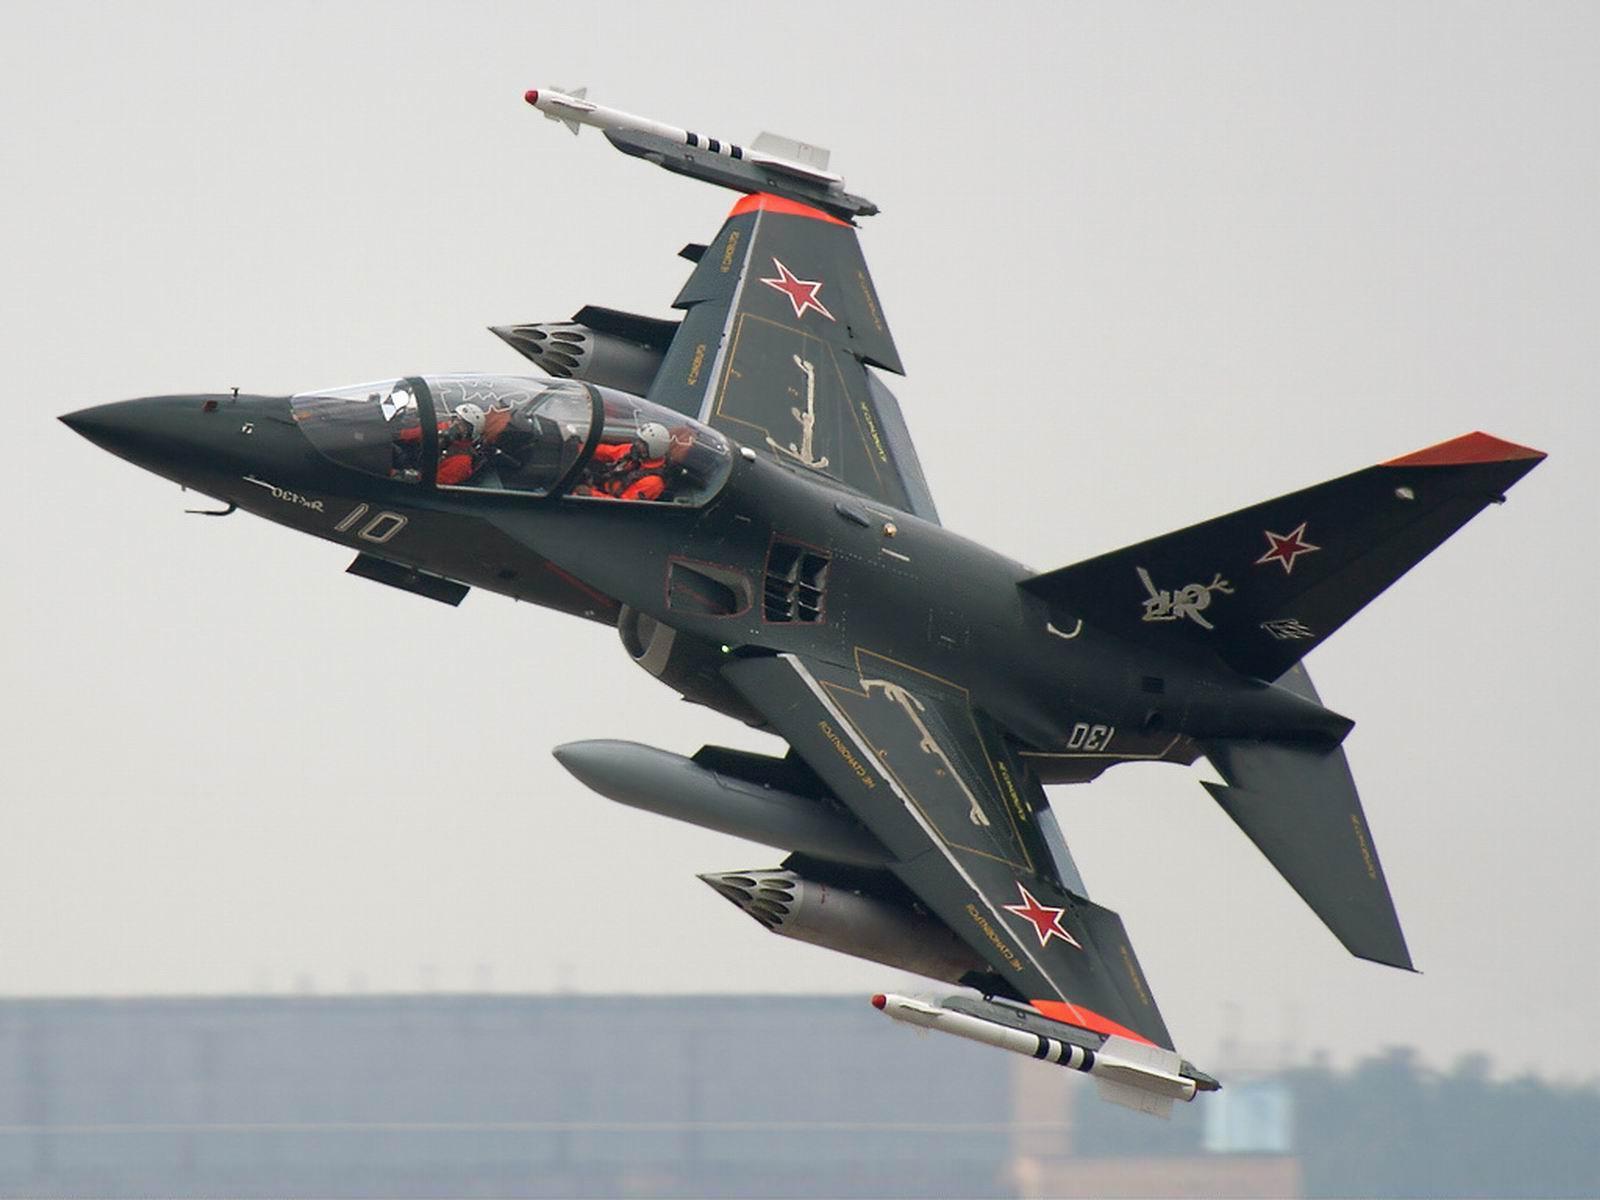 yak_130_plane_flight_aircraft_hd-wallpaper-248878.jpg